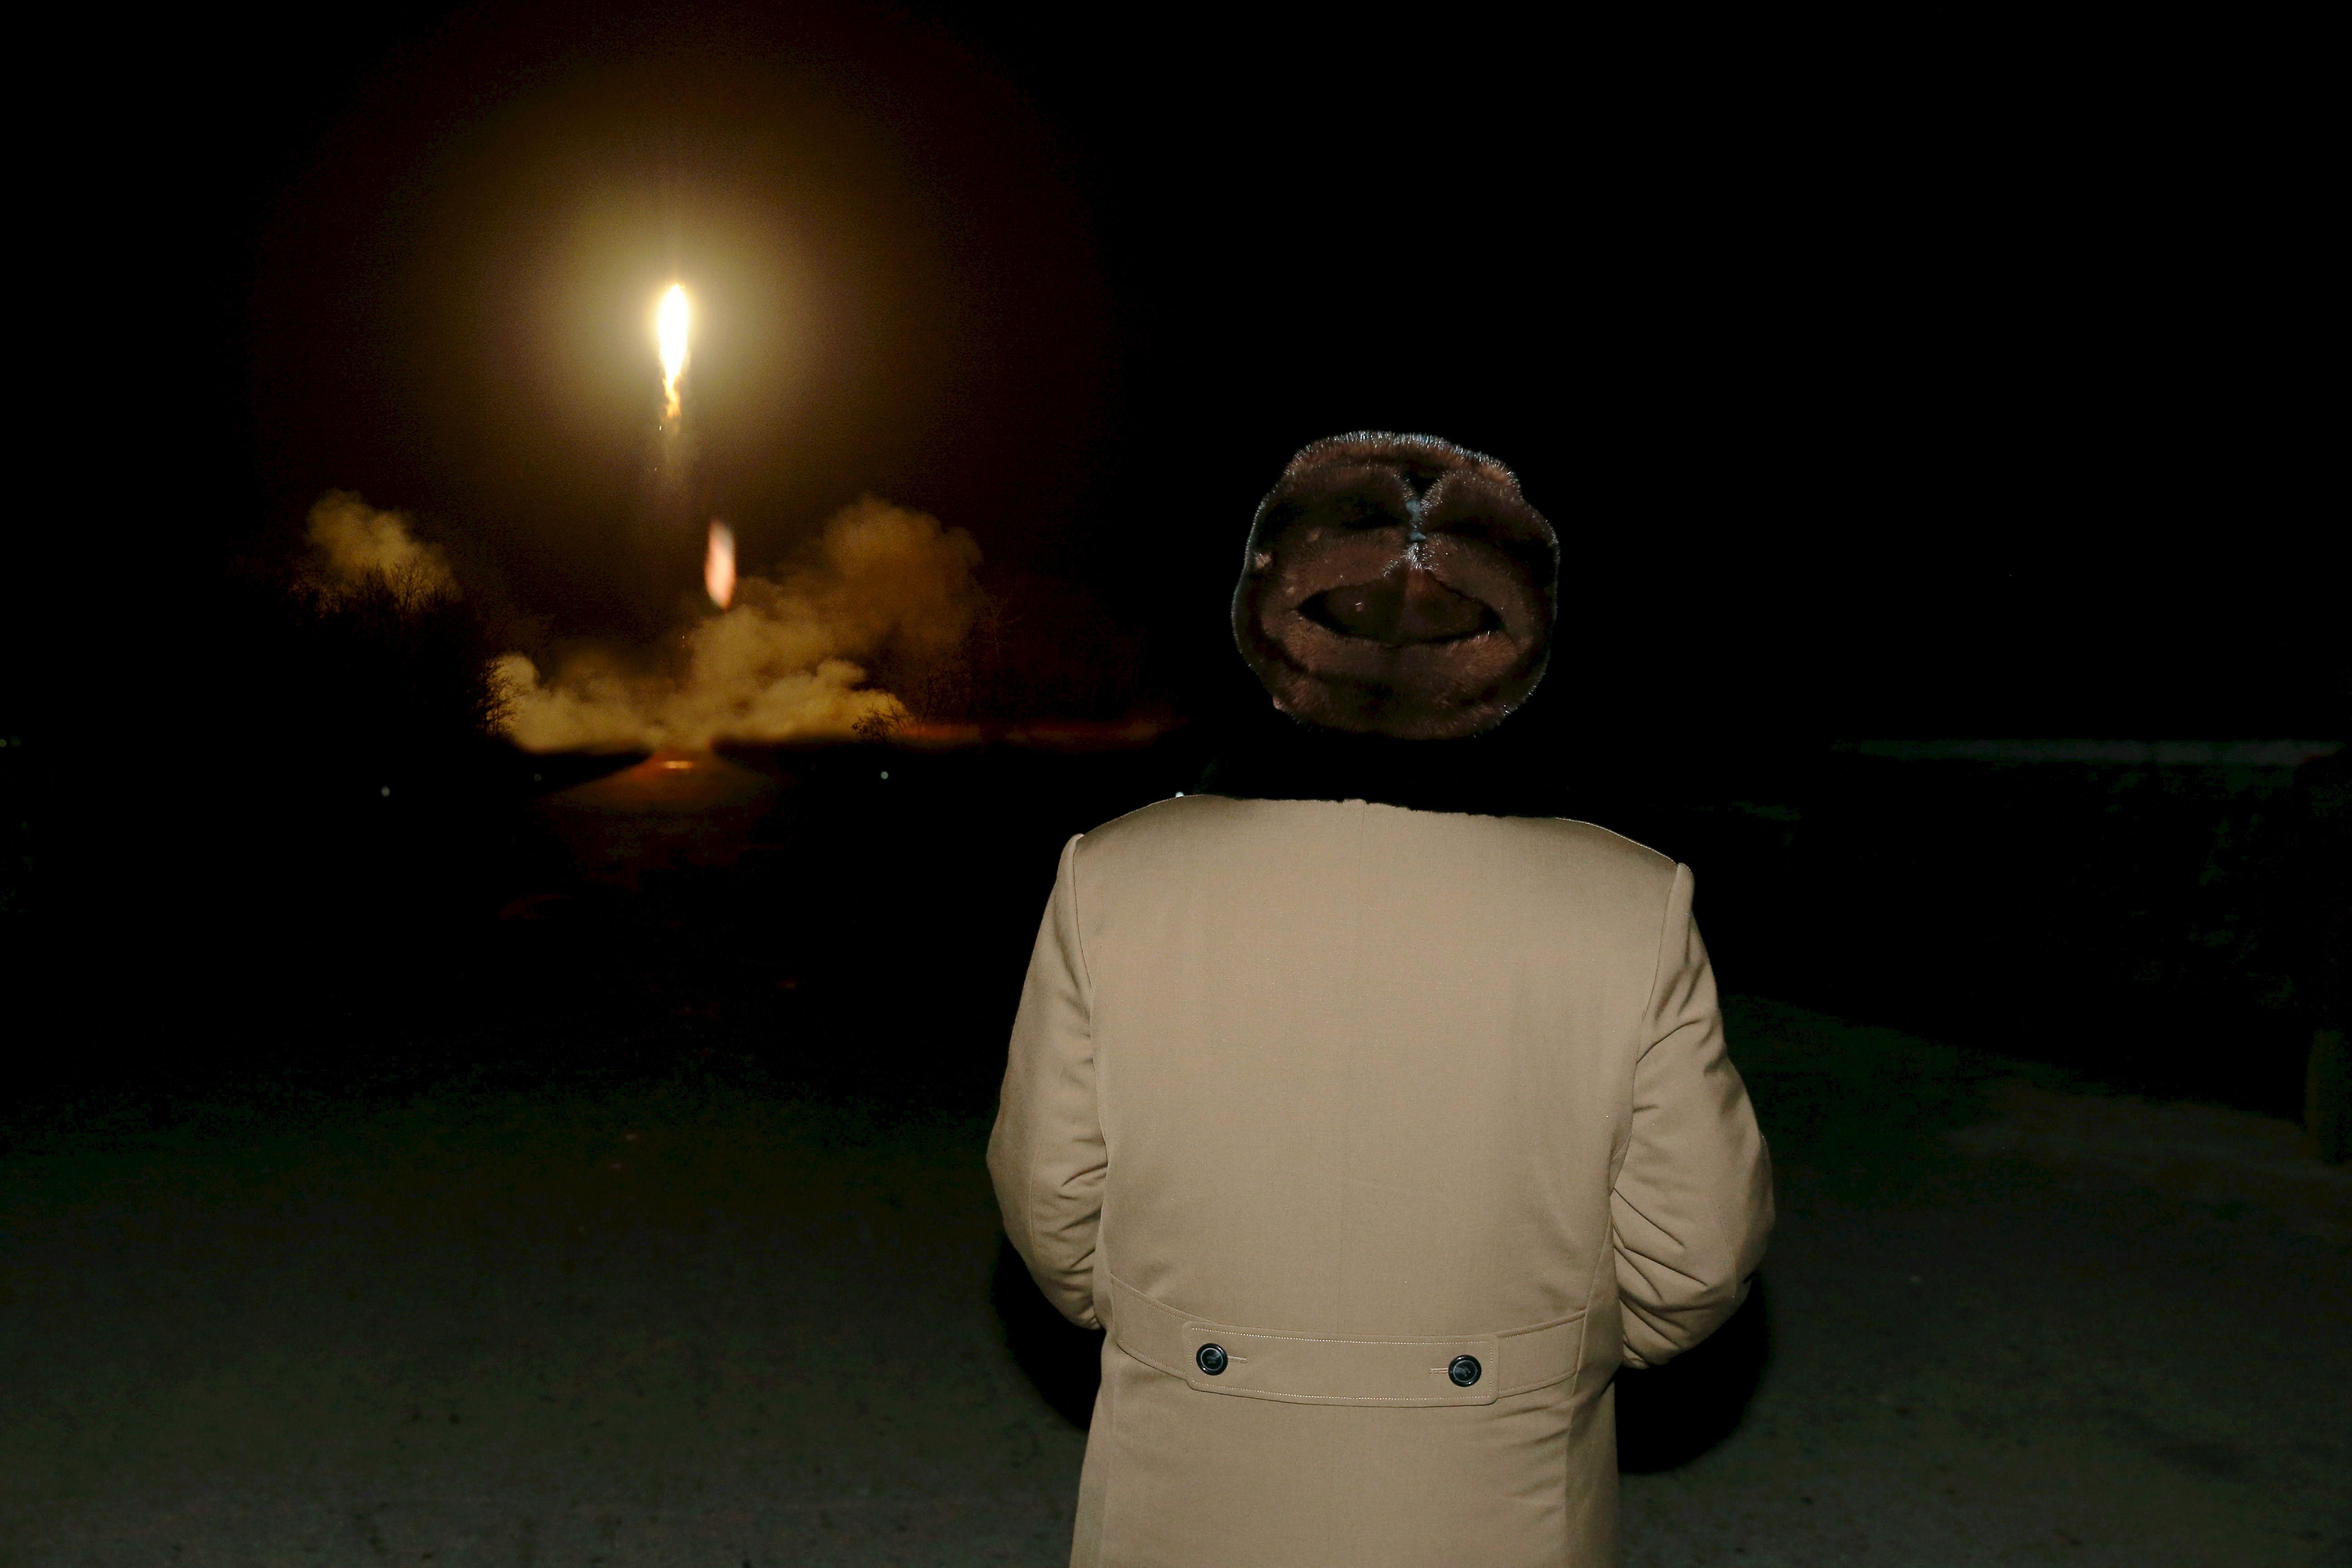 Le leader nord-coréen Kim Jong Un devant un tir de missile balistique à Pyongyang le 11 mars 2016